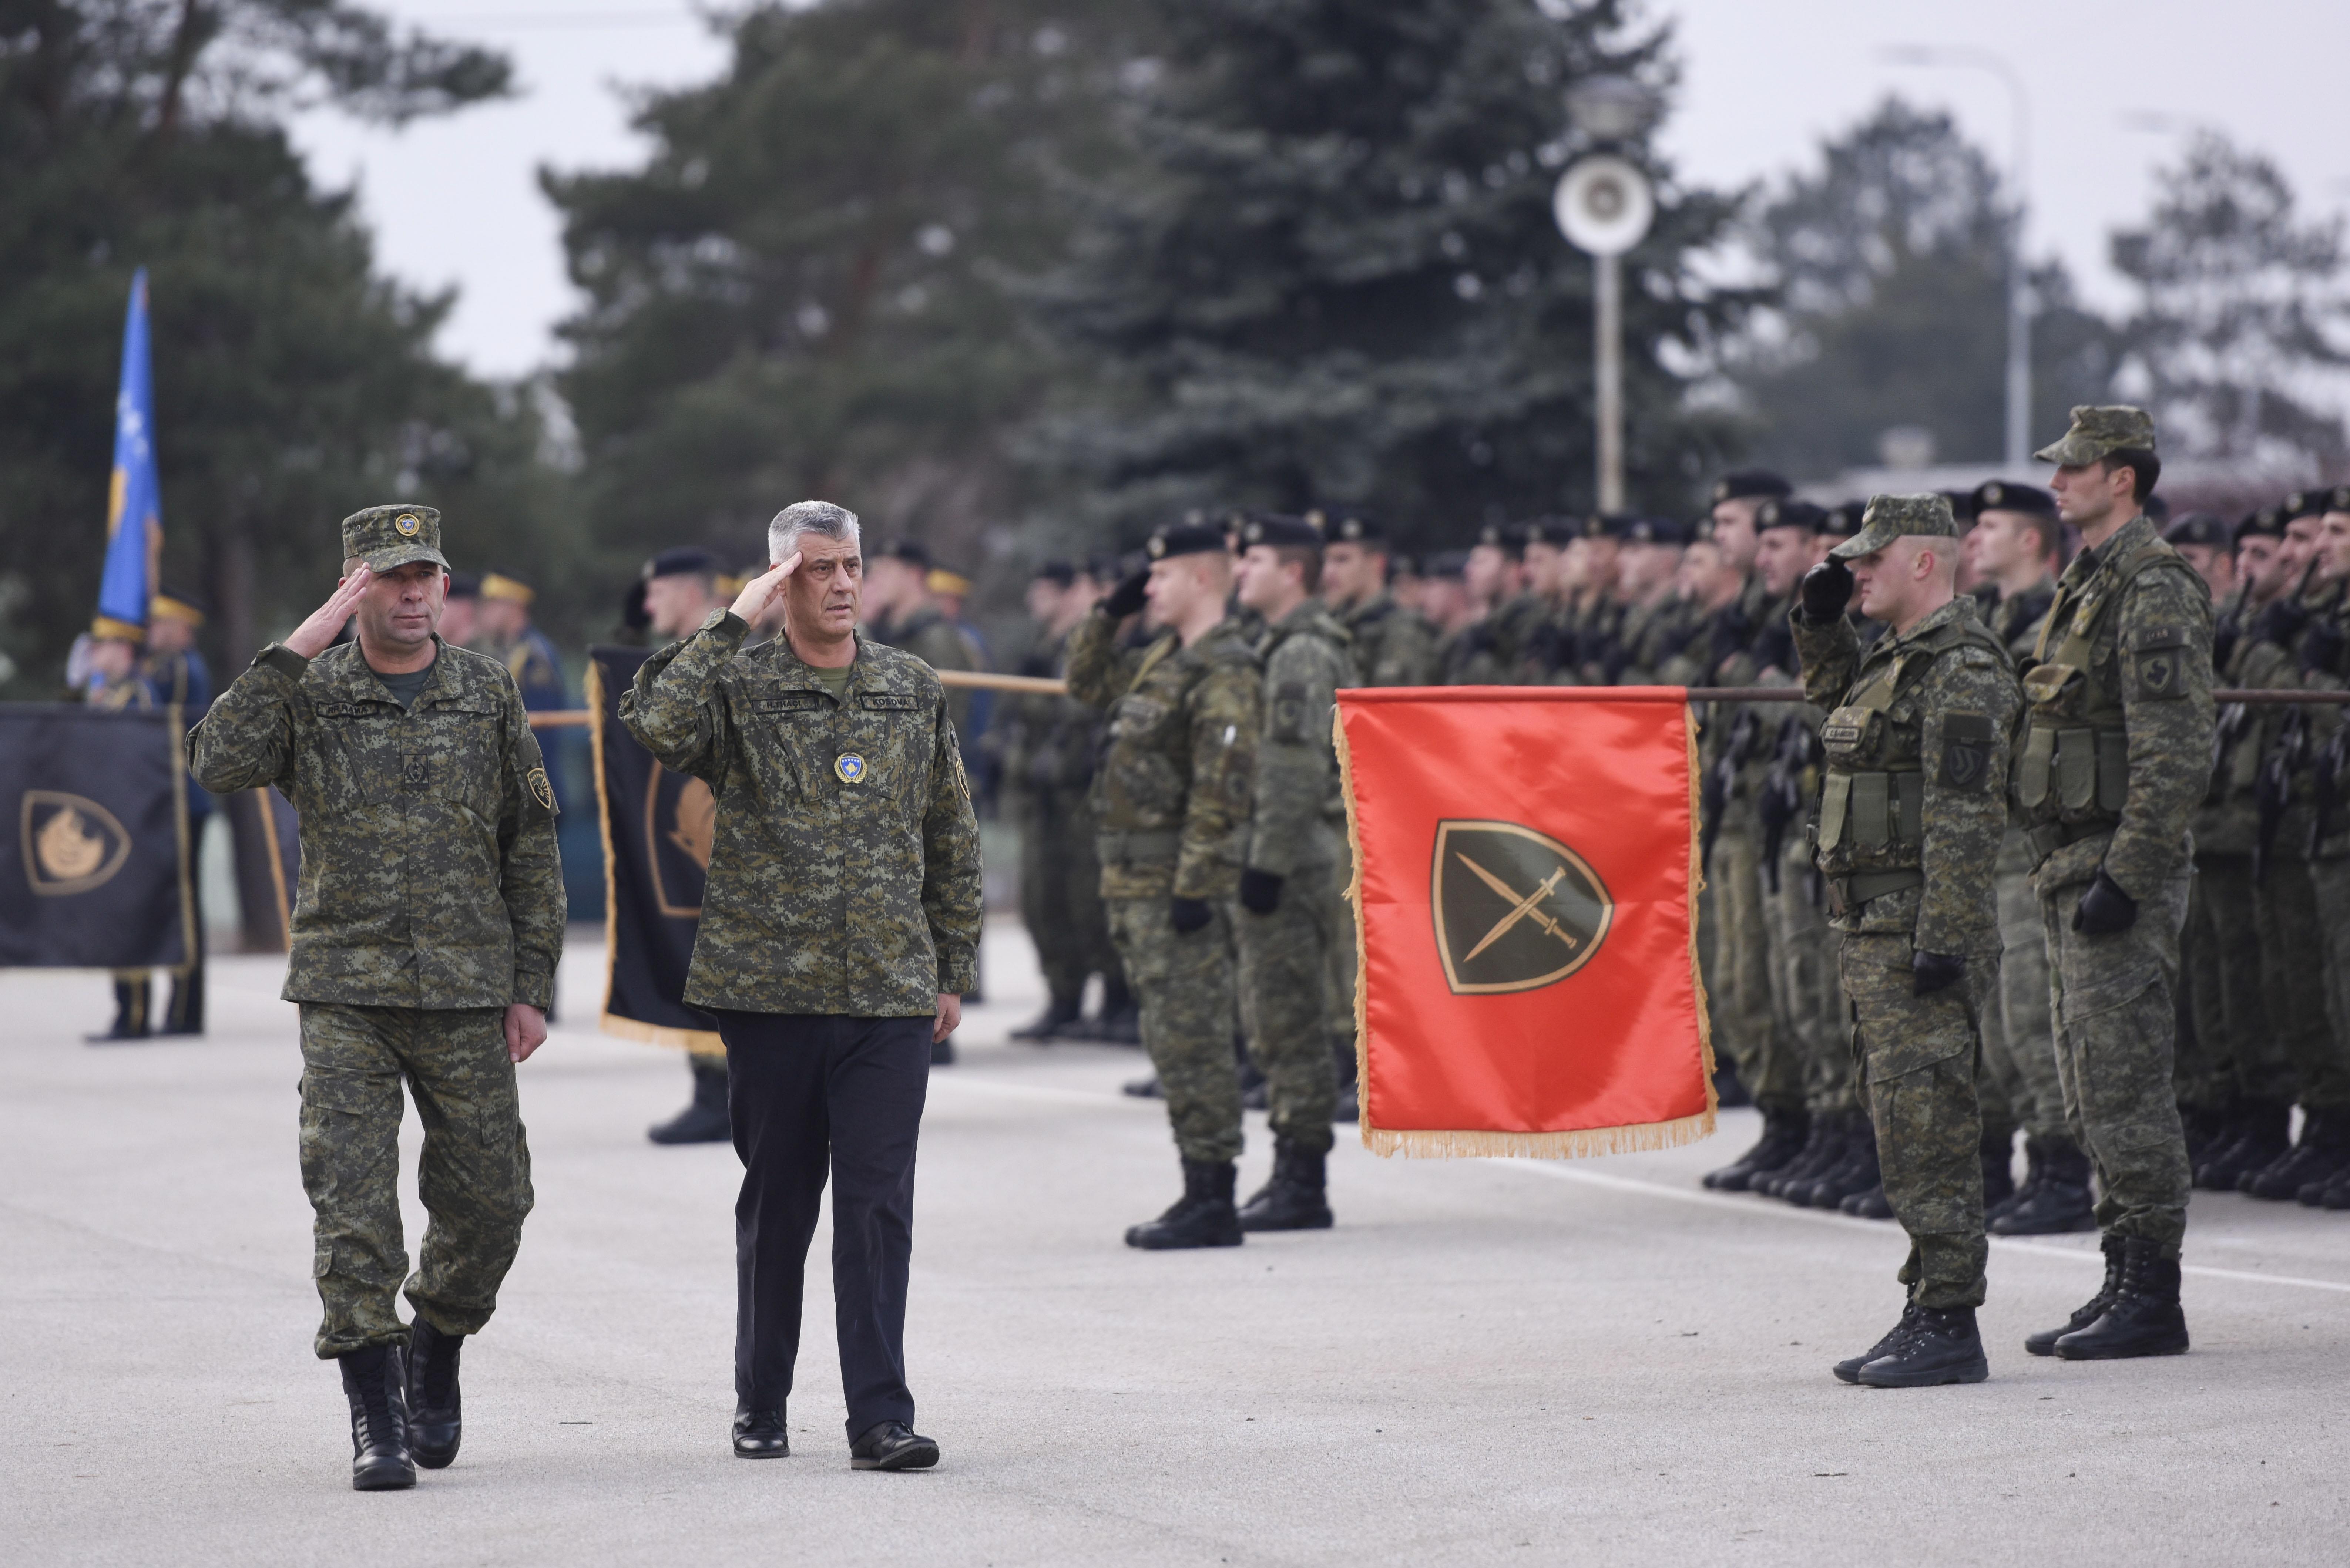 FORMIRANJE VOJSKE KOSOVA Glavni tajnik UN-a poziva na suzdržanost